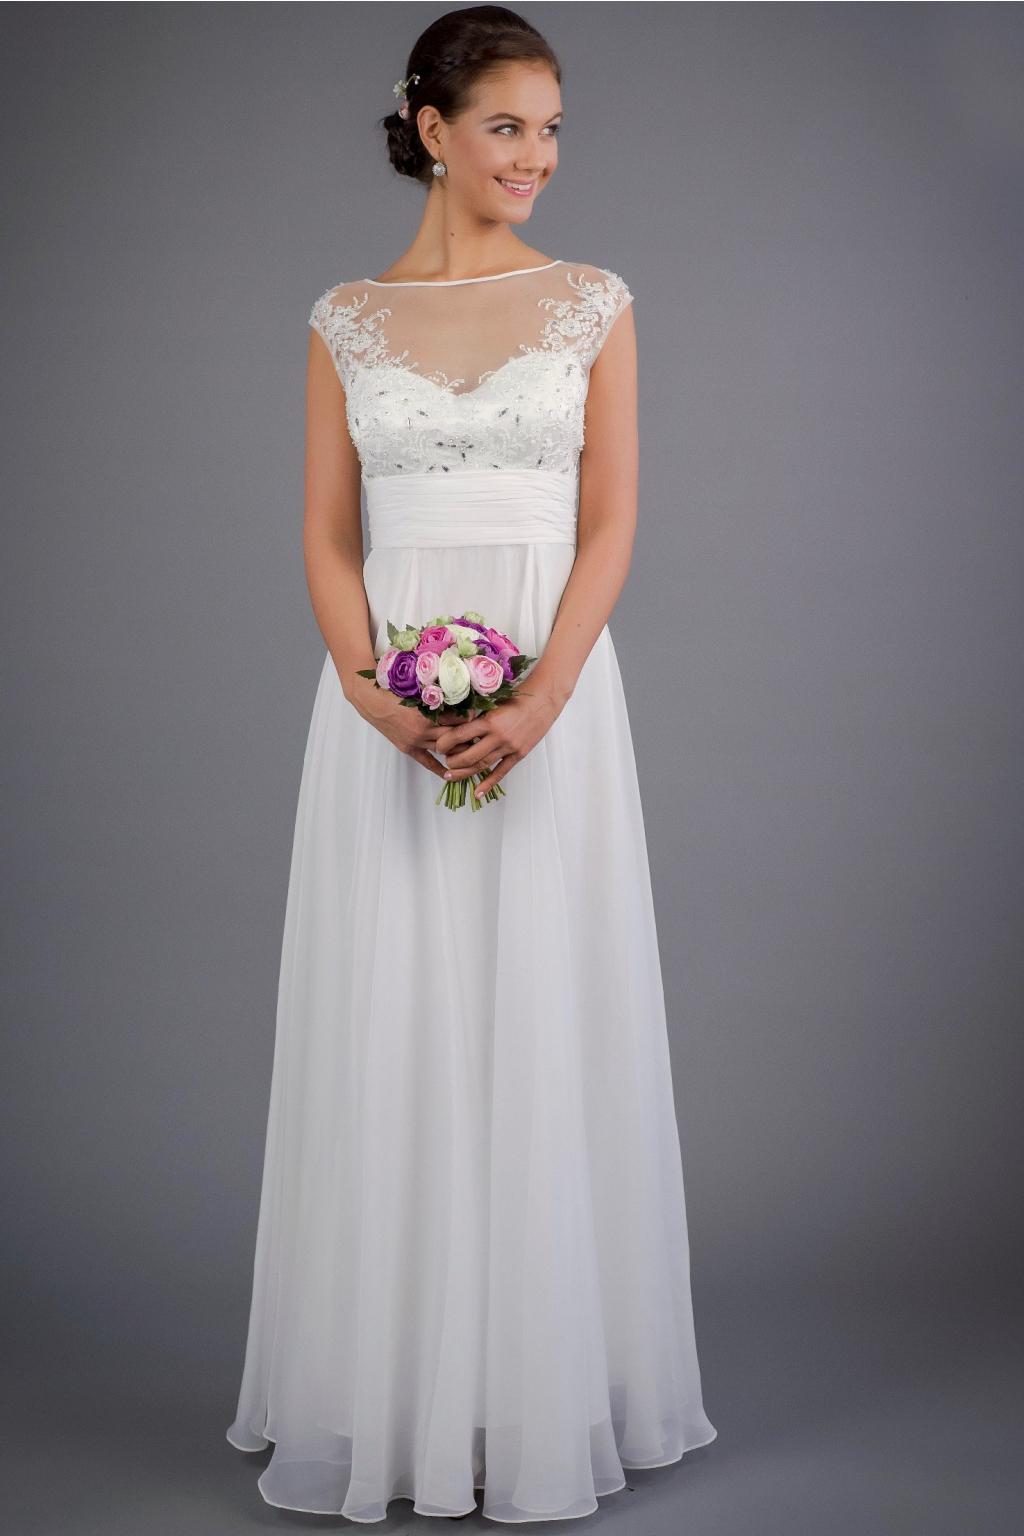 Jemné svatební šaty se zdobeným živůtkem · svatebni saty se zdobenym  zivutkem 1 ... a8f04cf334